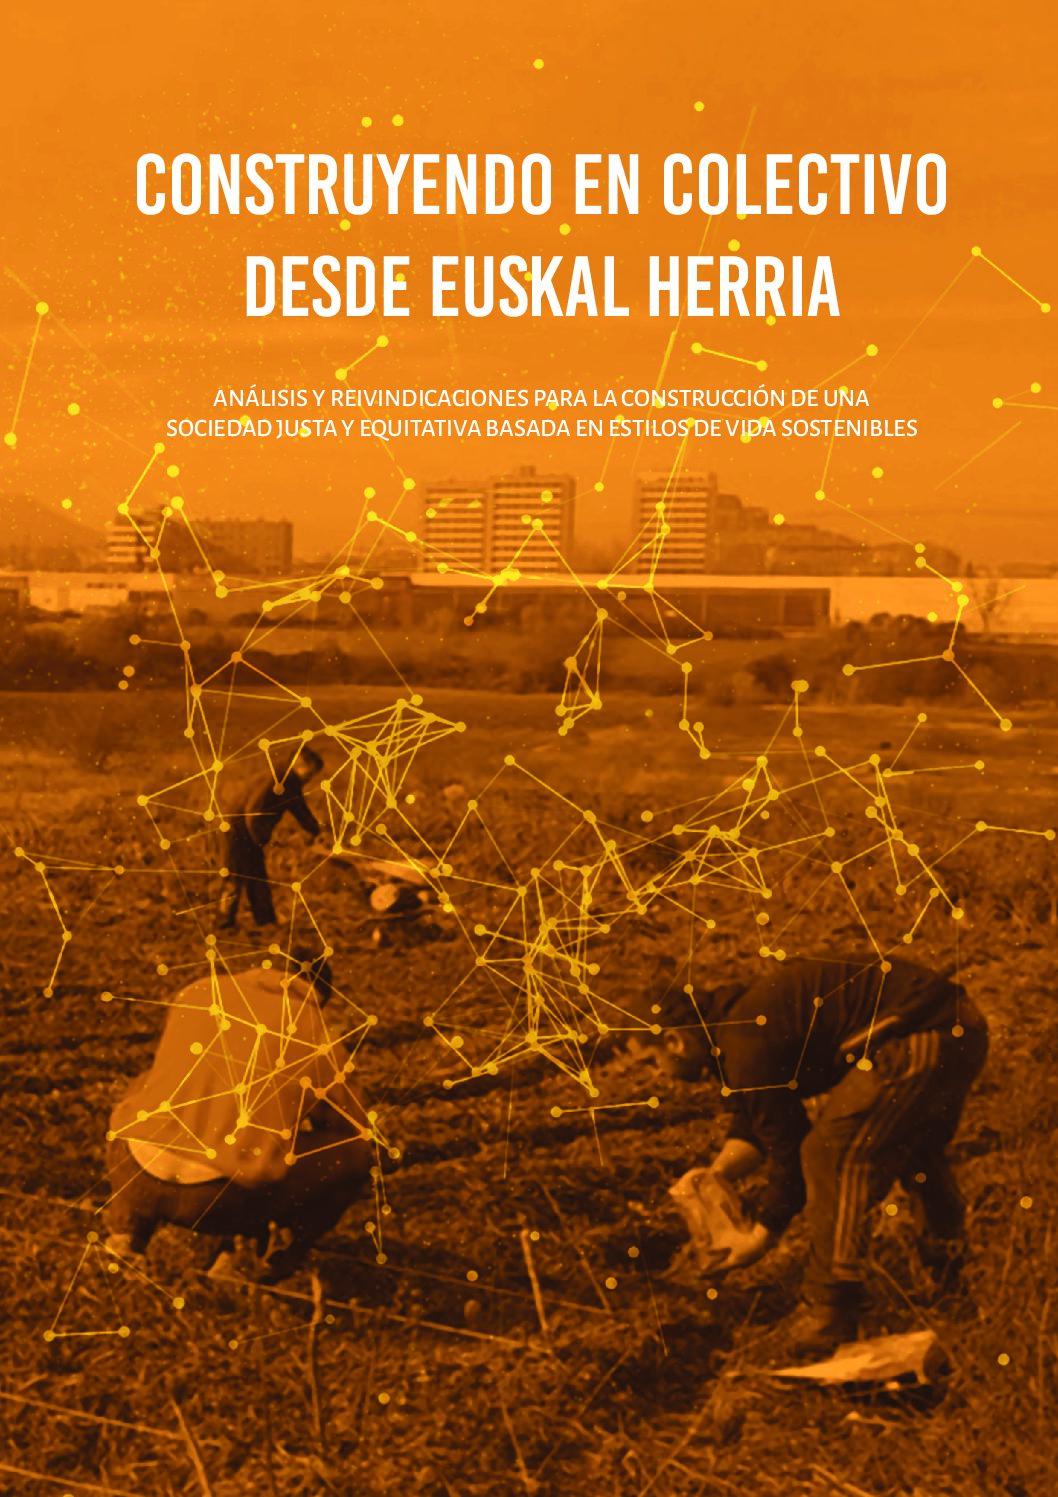 Construyendo en colectivo desde euskal herria: Análisis y reivindicaciones para la construcción de una sociedad justa y equitativa basada en estilos de vida sostenibles